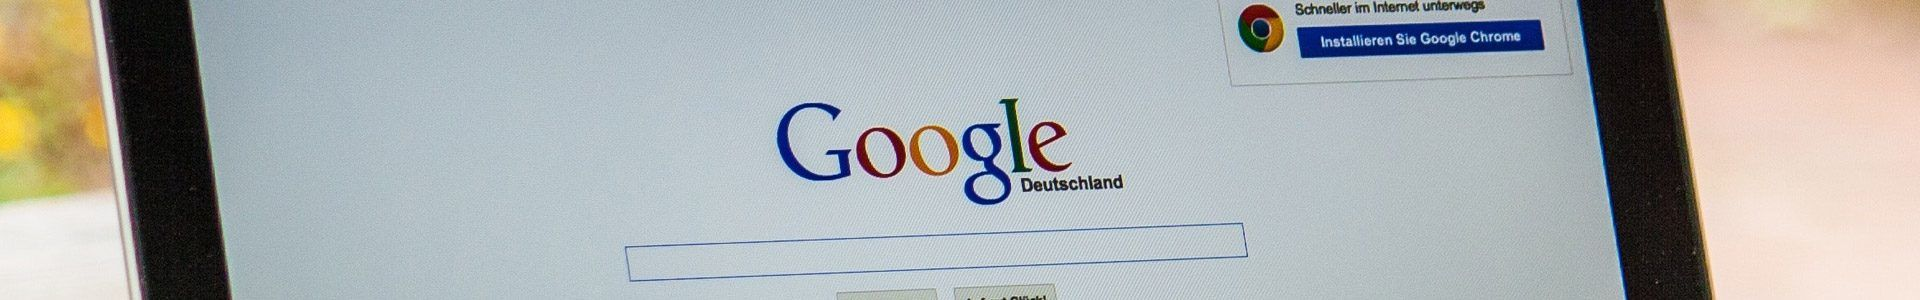 Adverteren in Duitsland in de zoekmachines